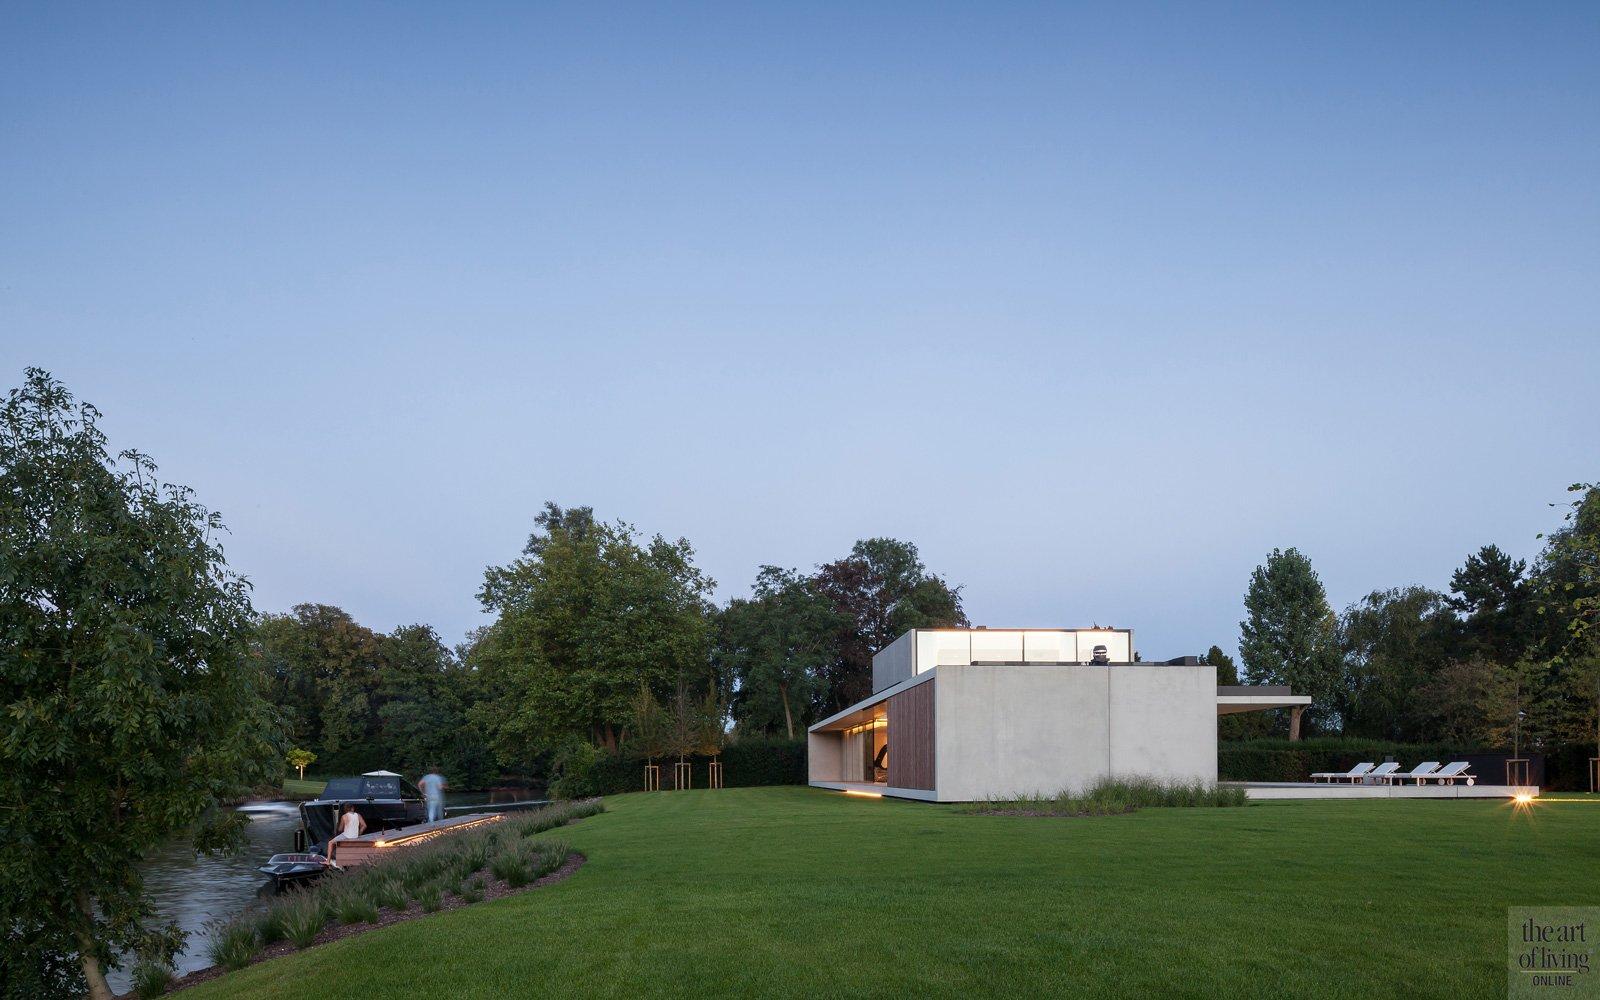 Tuin, landschapstuin, Frederiek Snaet, futuristische woning, Meubili, Betonal, Stone West, Bob Monteyne, zwembad,m Govaert en Vanhoutte Architects